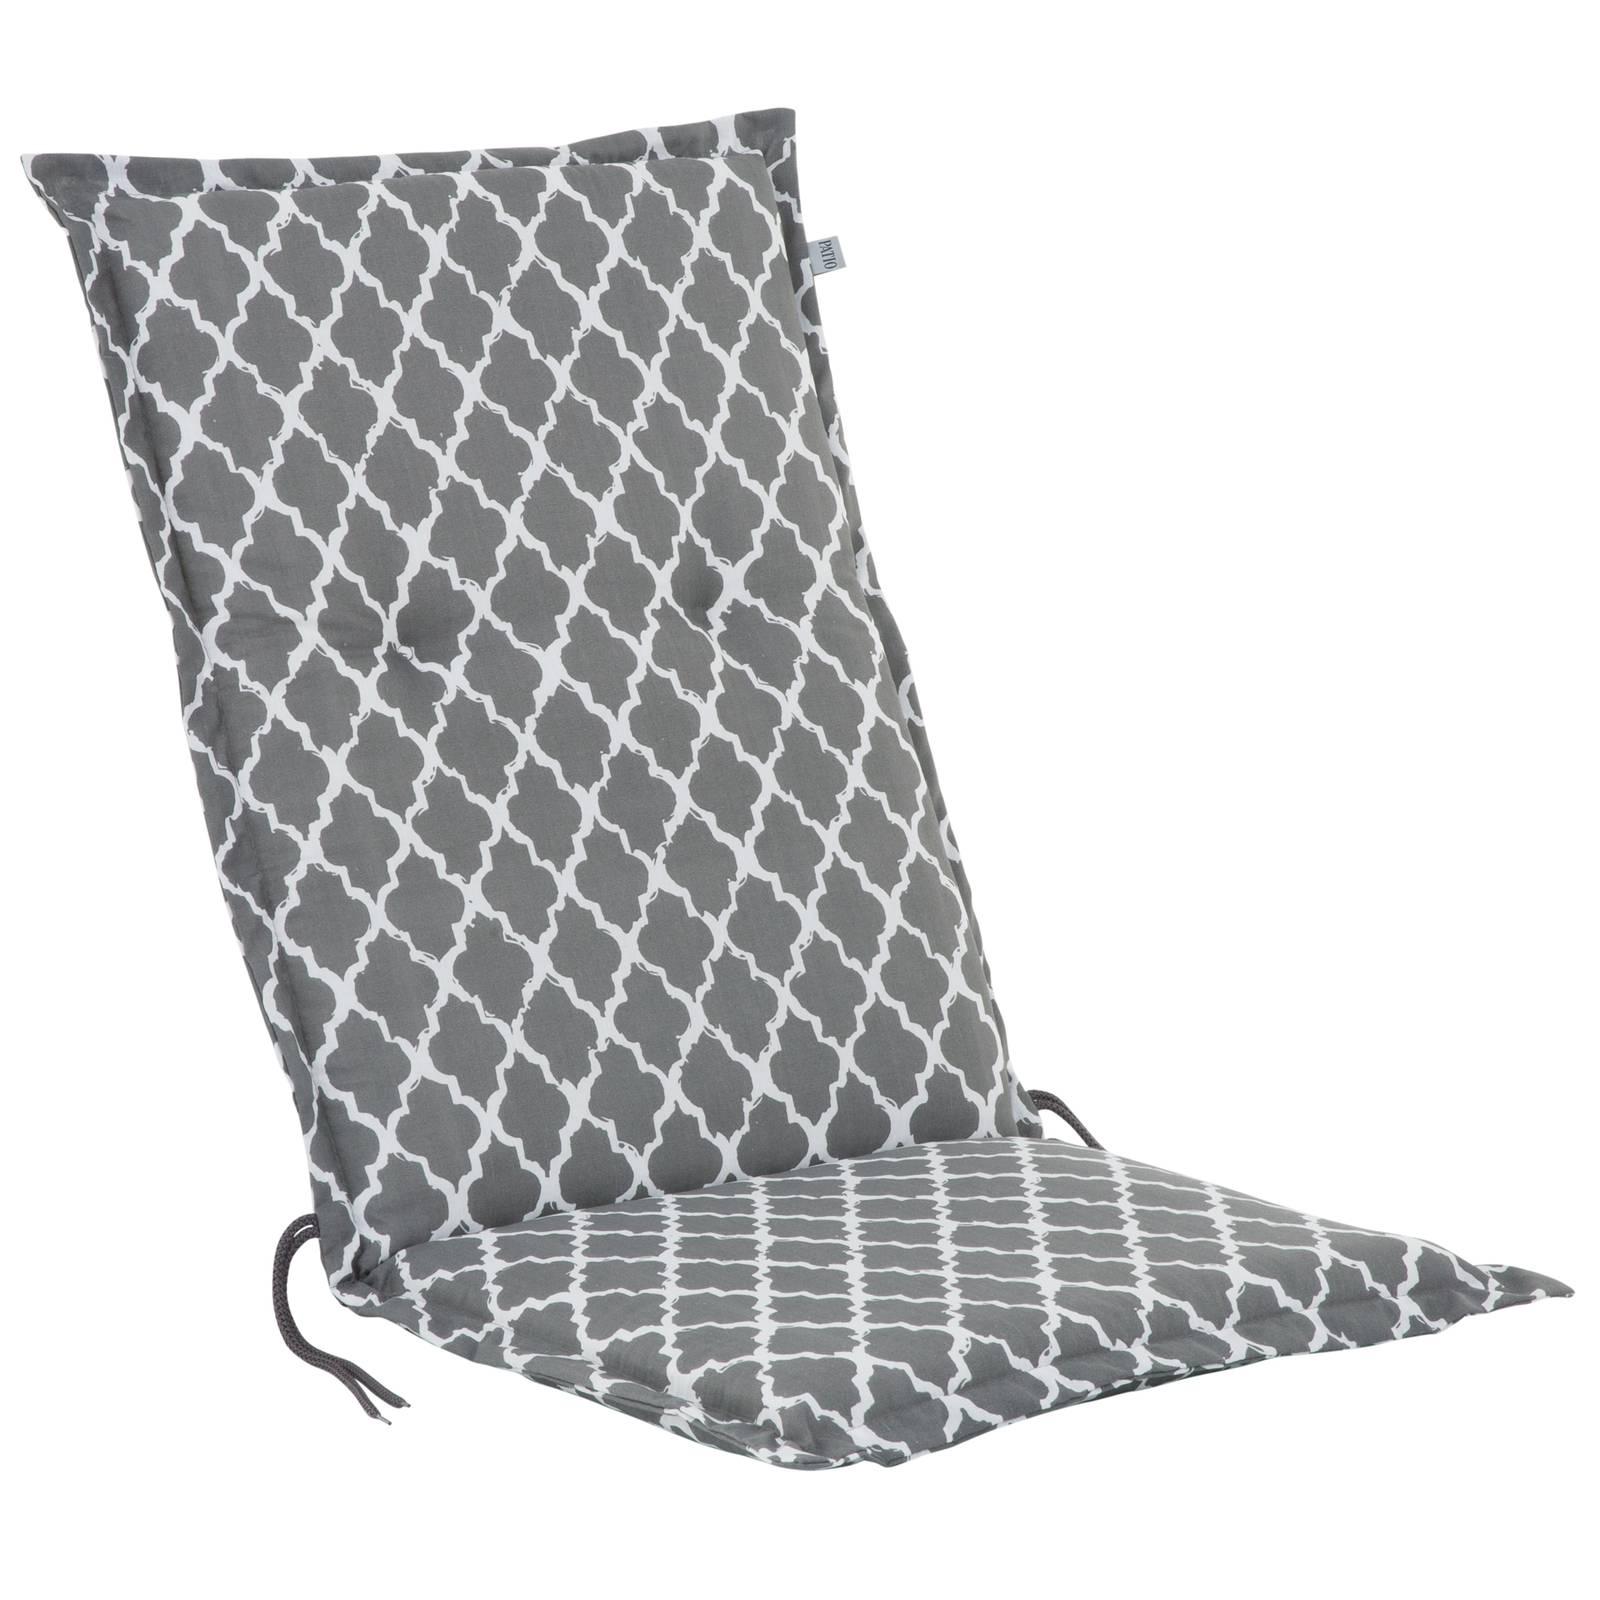 Poduszka na krzesło Malezja Niedrig 5 cm H030-06PB PATIO